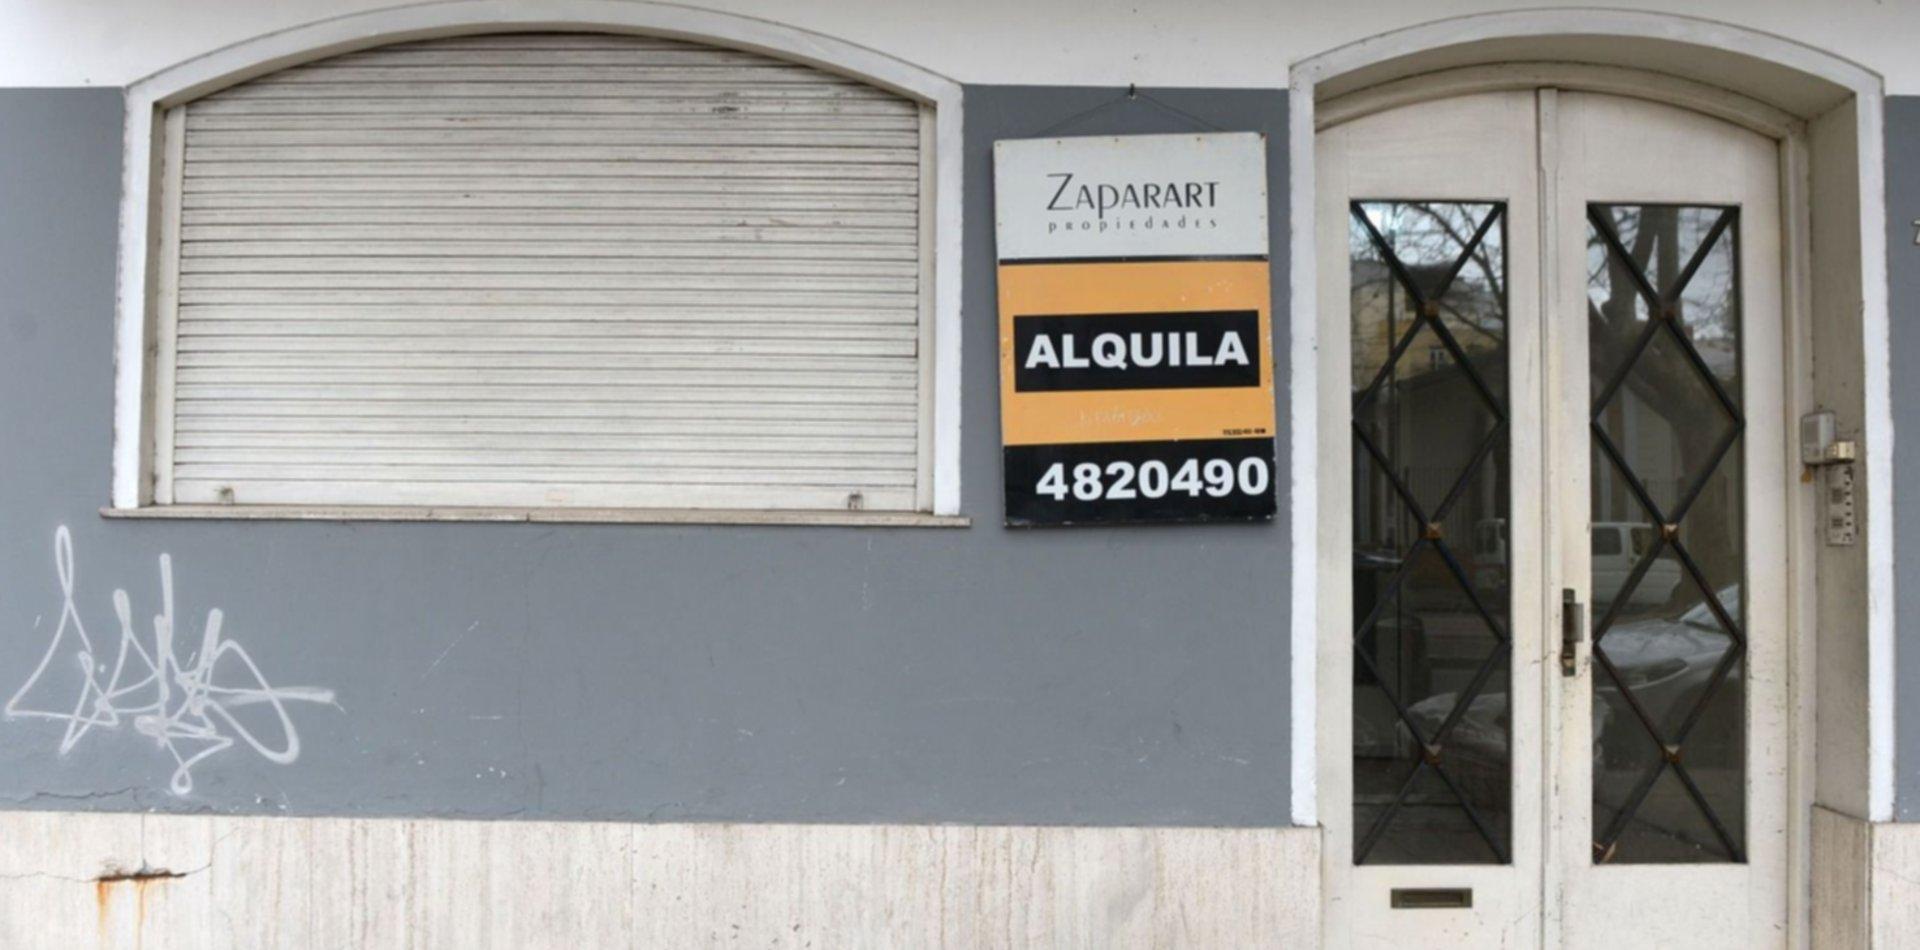 Solo una de cada diez inmobiliarias vendió alguna propiedad durante la cuarentena